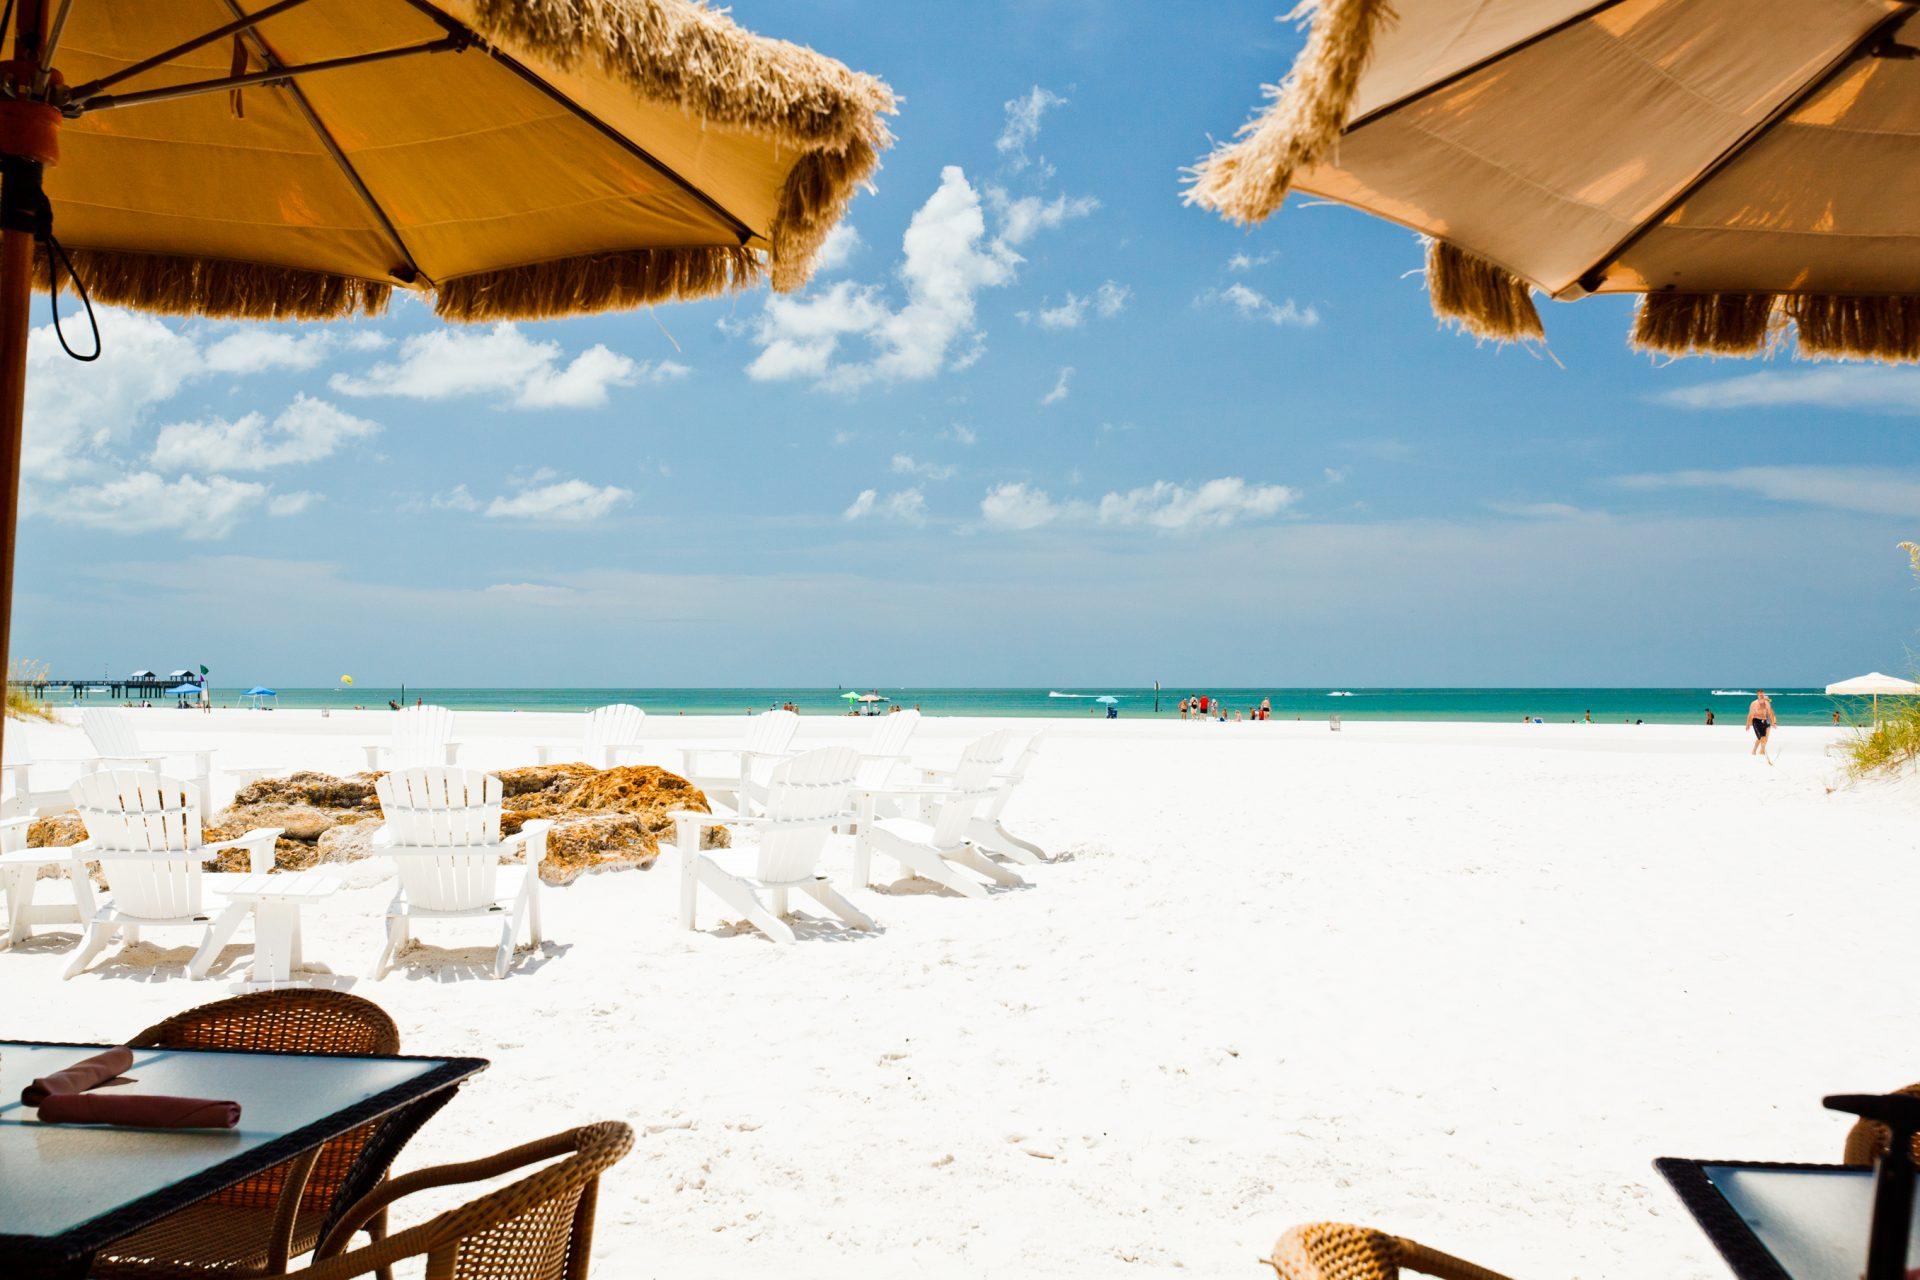 Praias tipicamente caribenhas, de areia branca e mar azul turquesa, na região do Golfo do México EUA